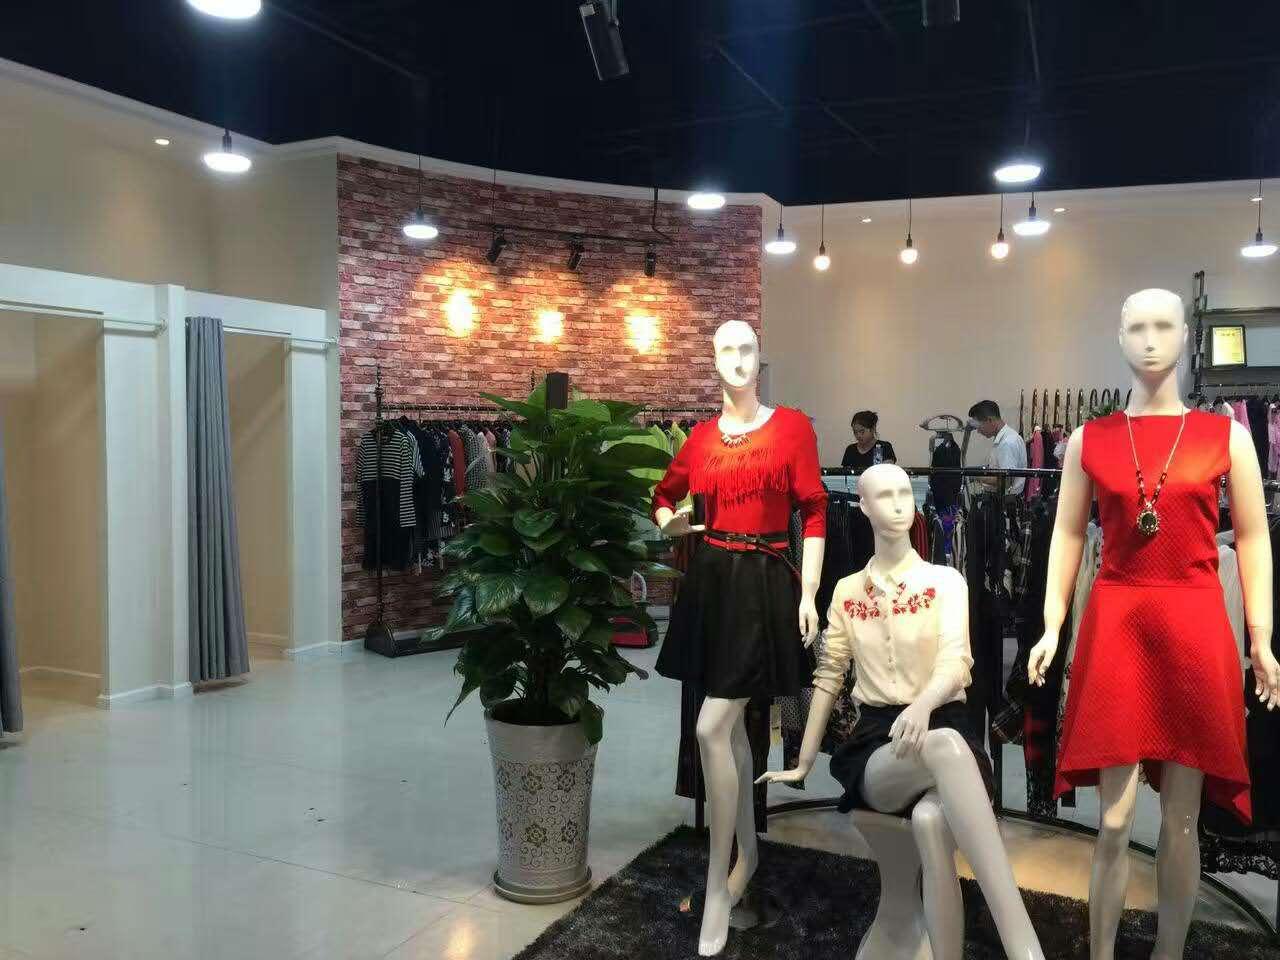 格蕾斯品牌女装折扣/薇妮兰品牌折扣加盟货源